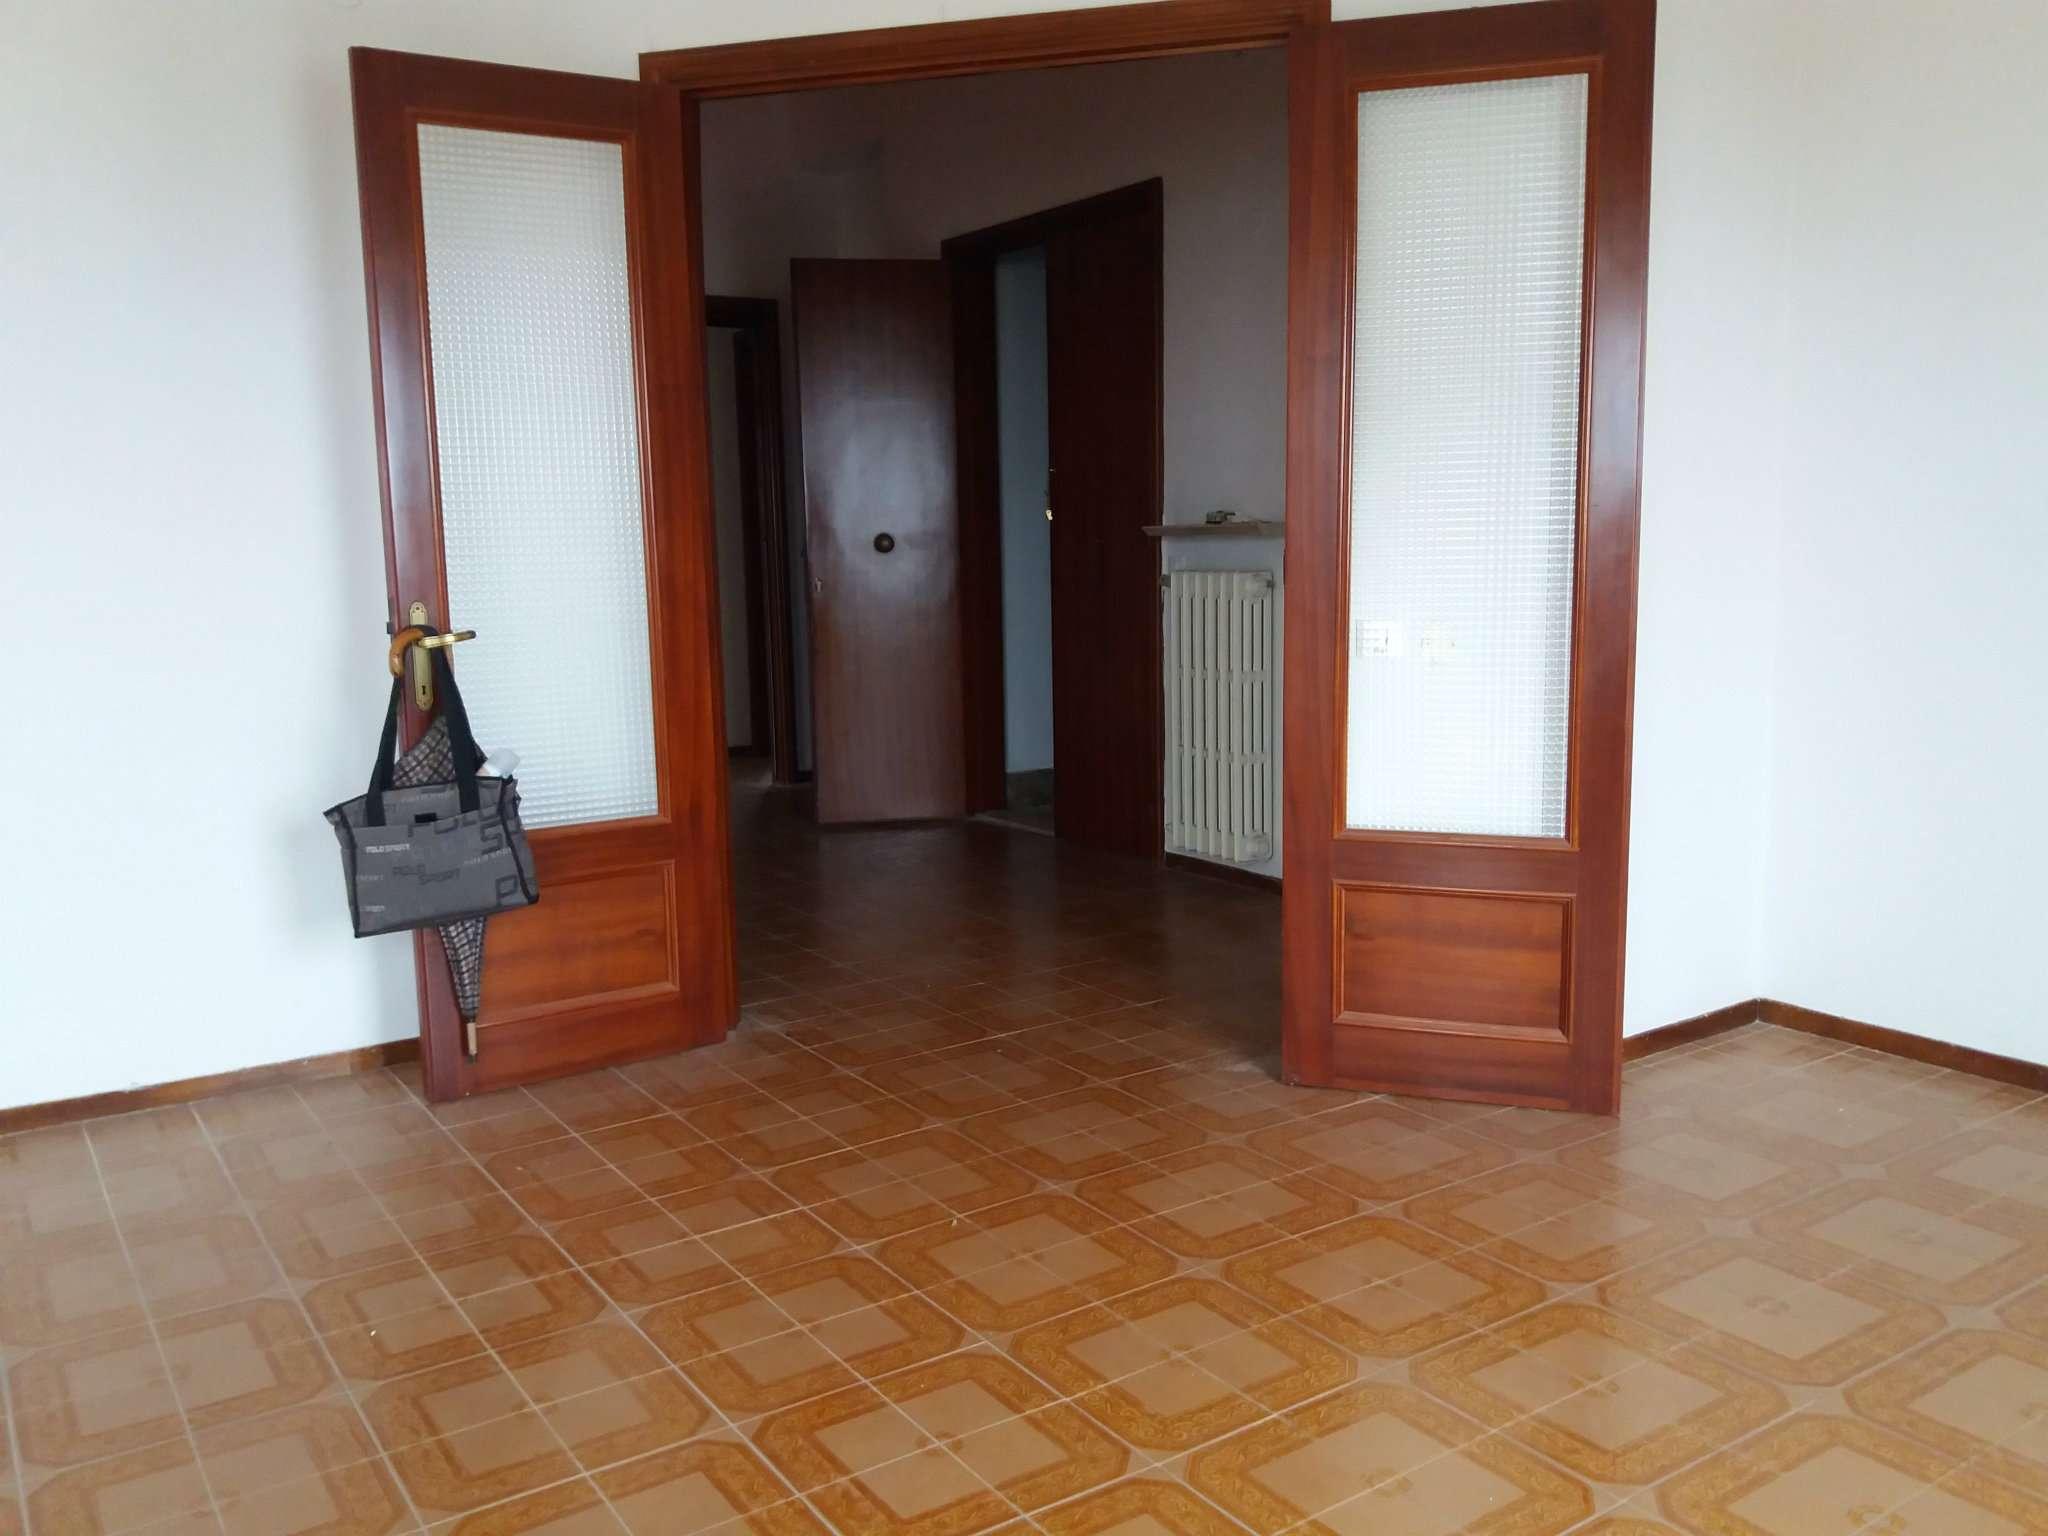 Appartamento in affitto a Polverigi, 4 locali, prezzo € 450 | Cambio Casa.it